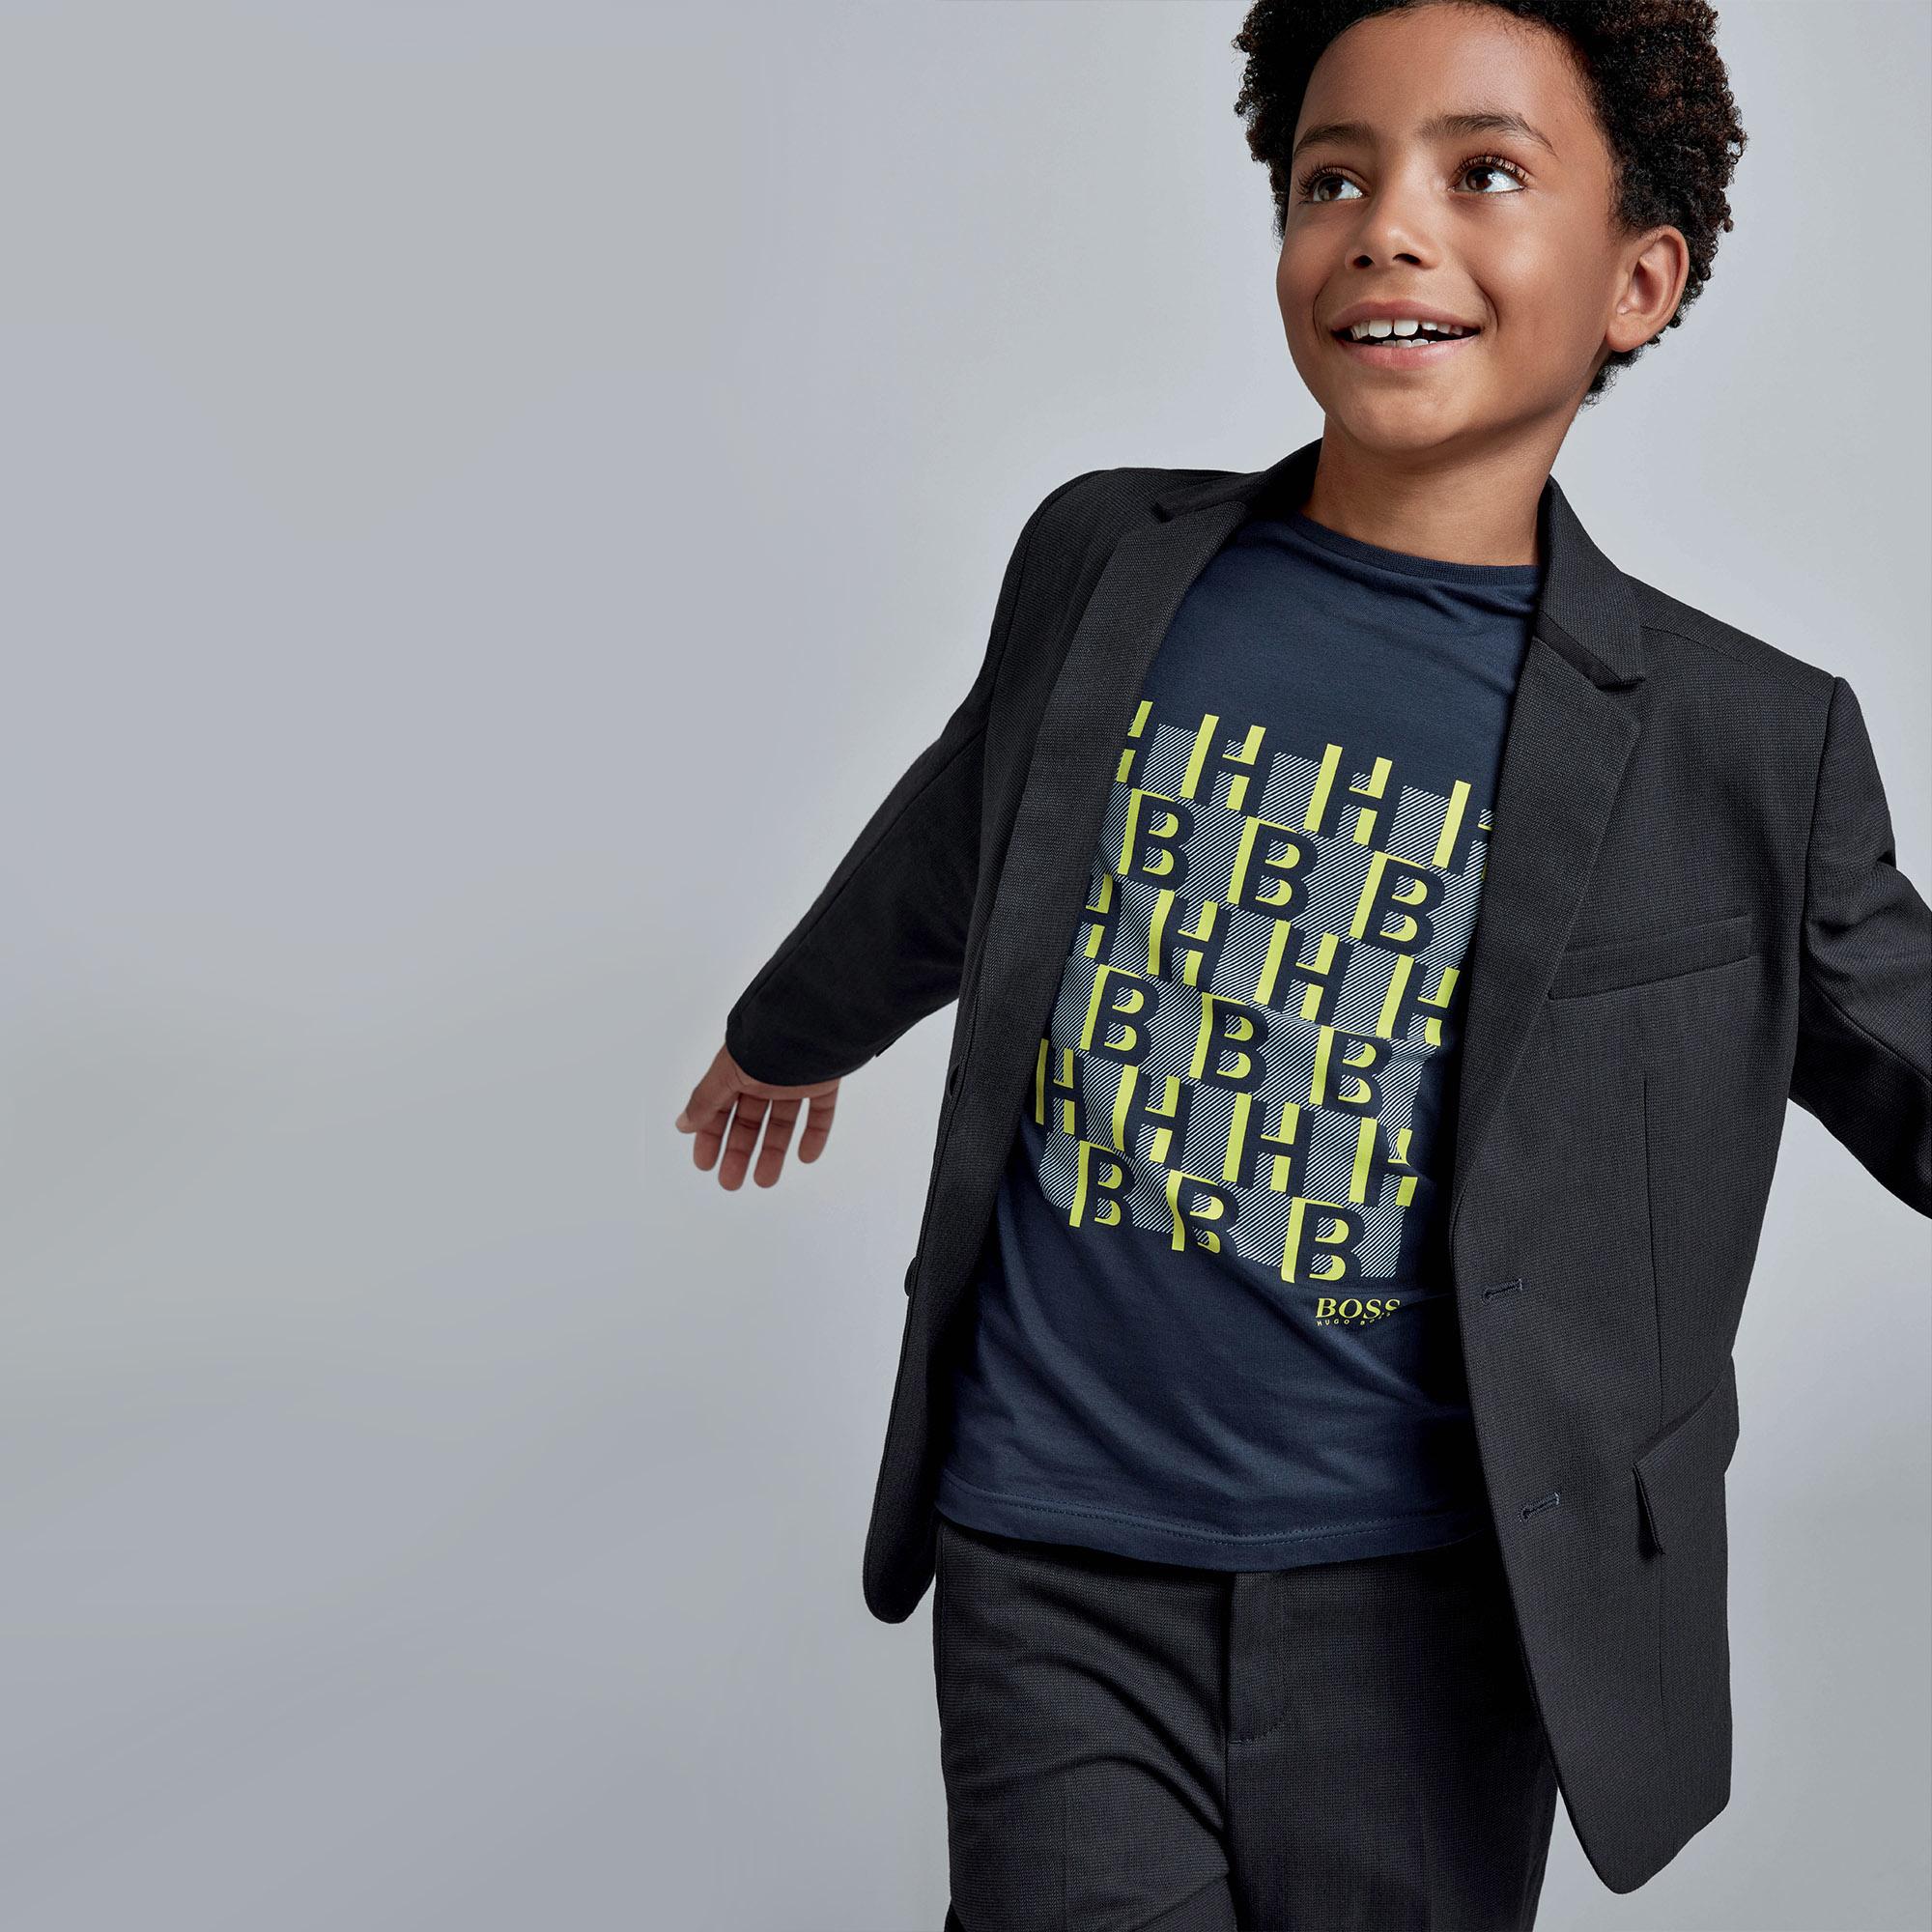 BOSS t-shirt avec imprimé-4